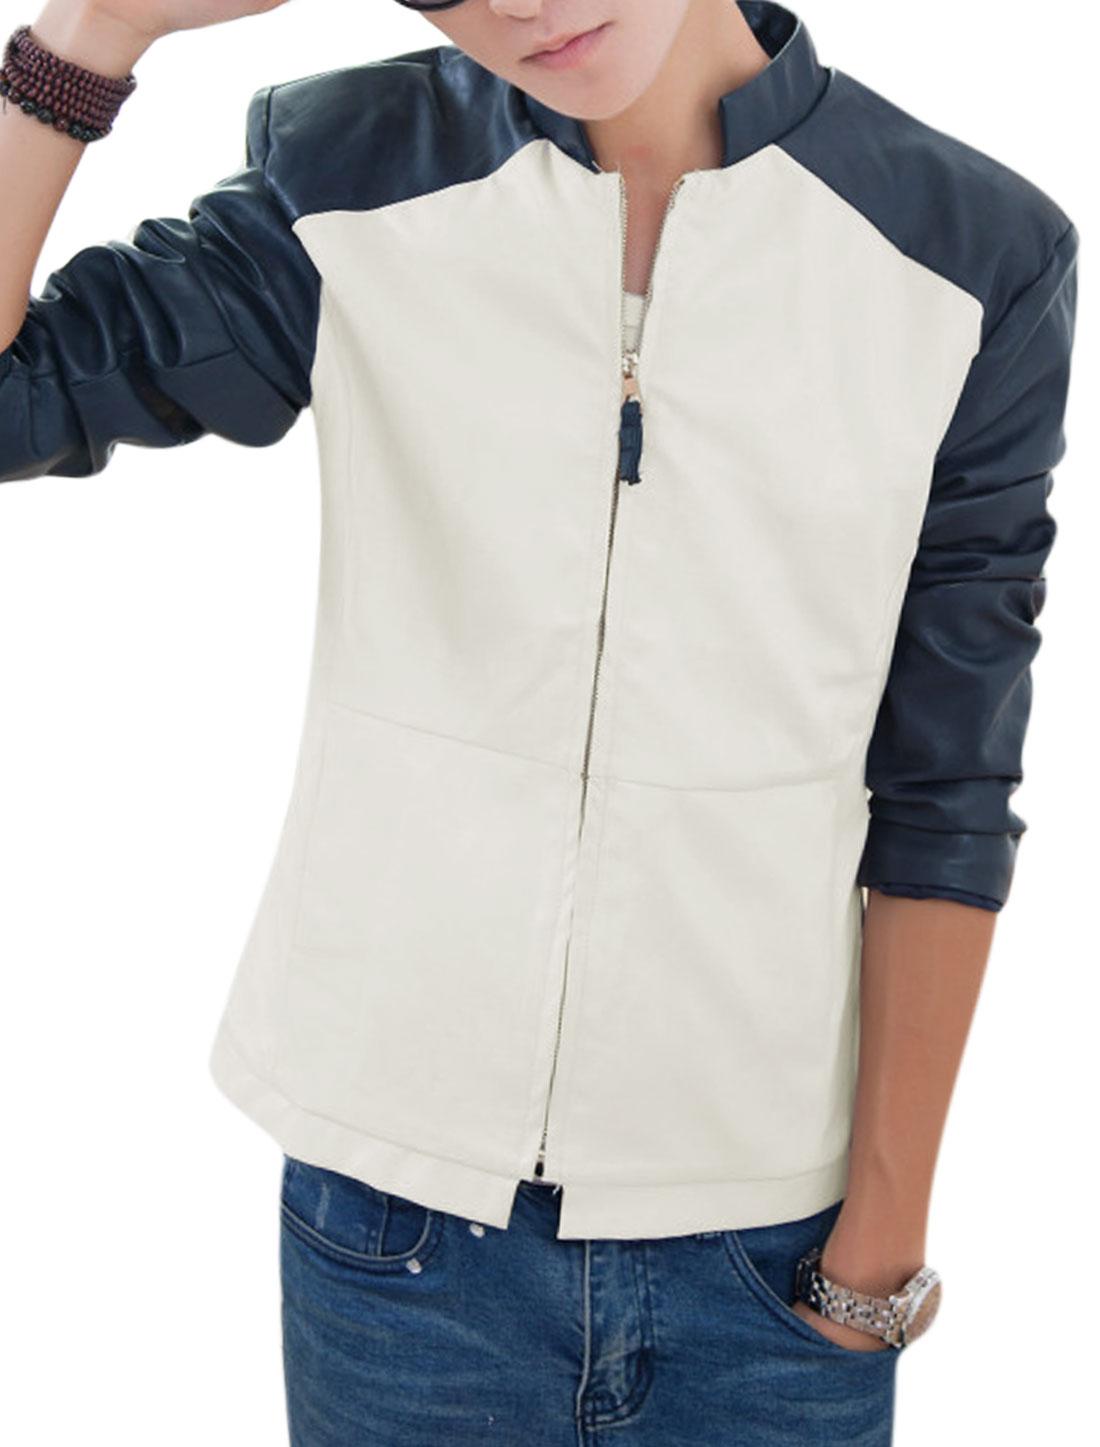 Men Color Block Welt Pockets Imitation Leather Jacket Beige Navy Blue M